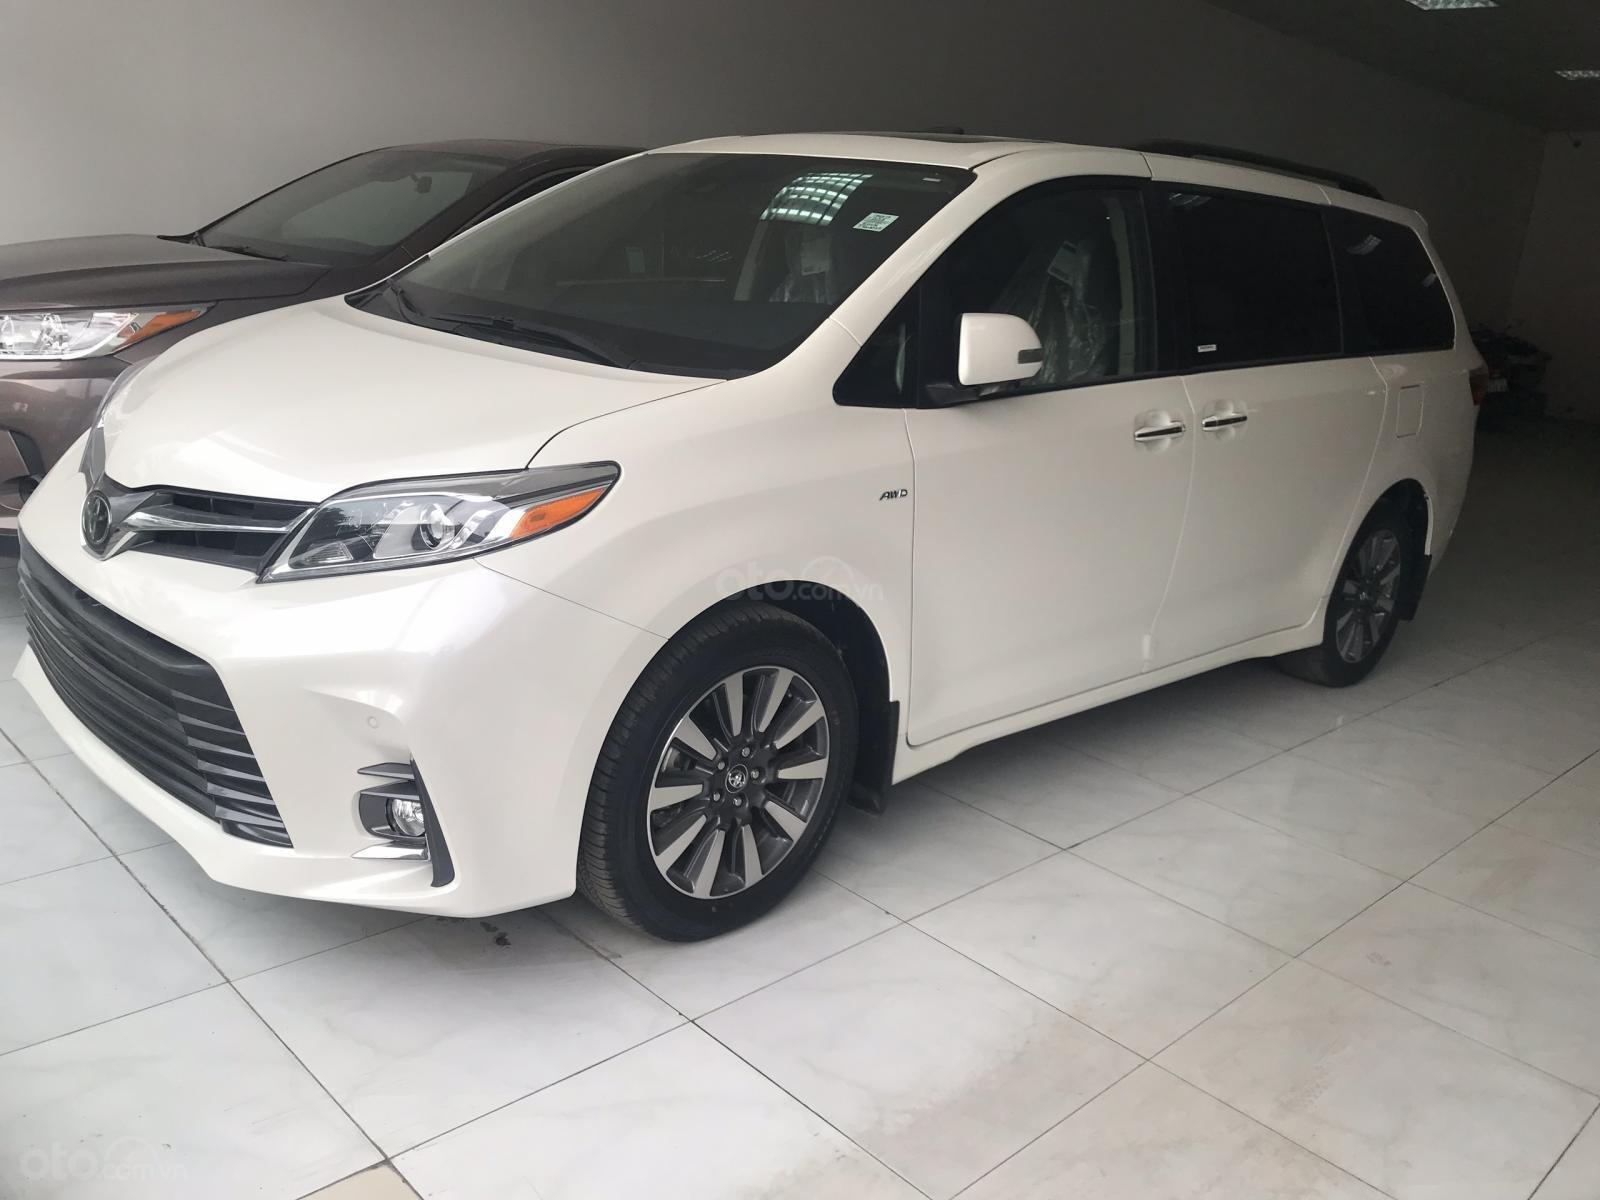 Bán Toyota Sienna Limited sản xuất 2019, mới 100%, đủ màu giao ngay, giá rẻ nhất -1